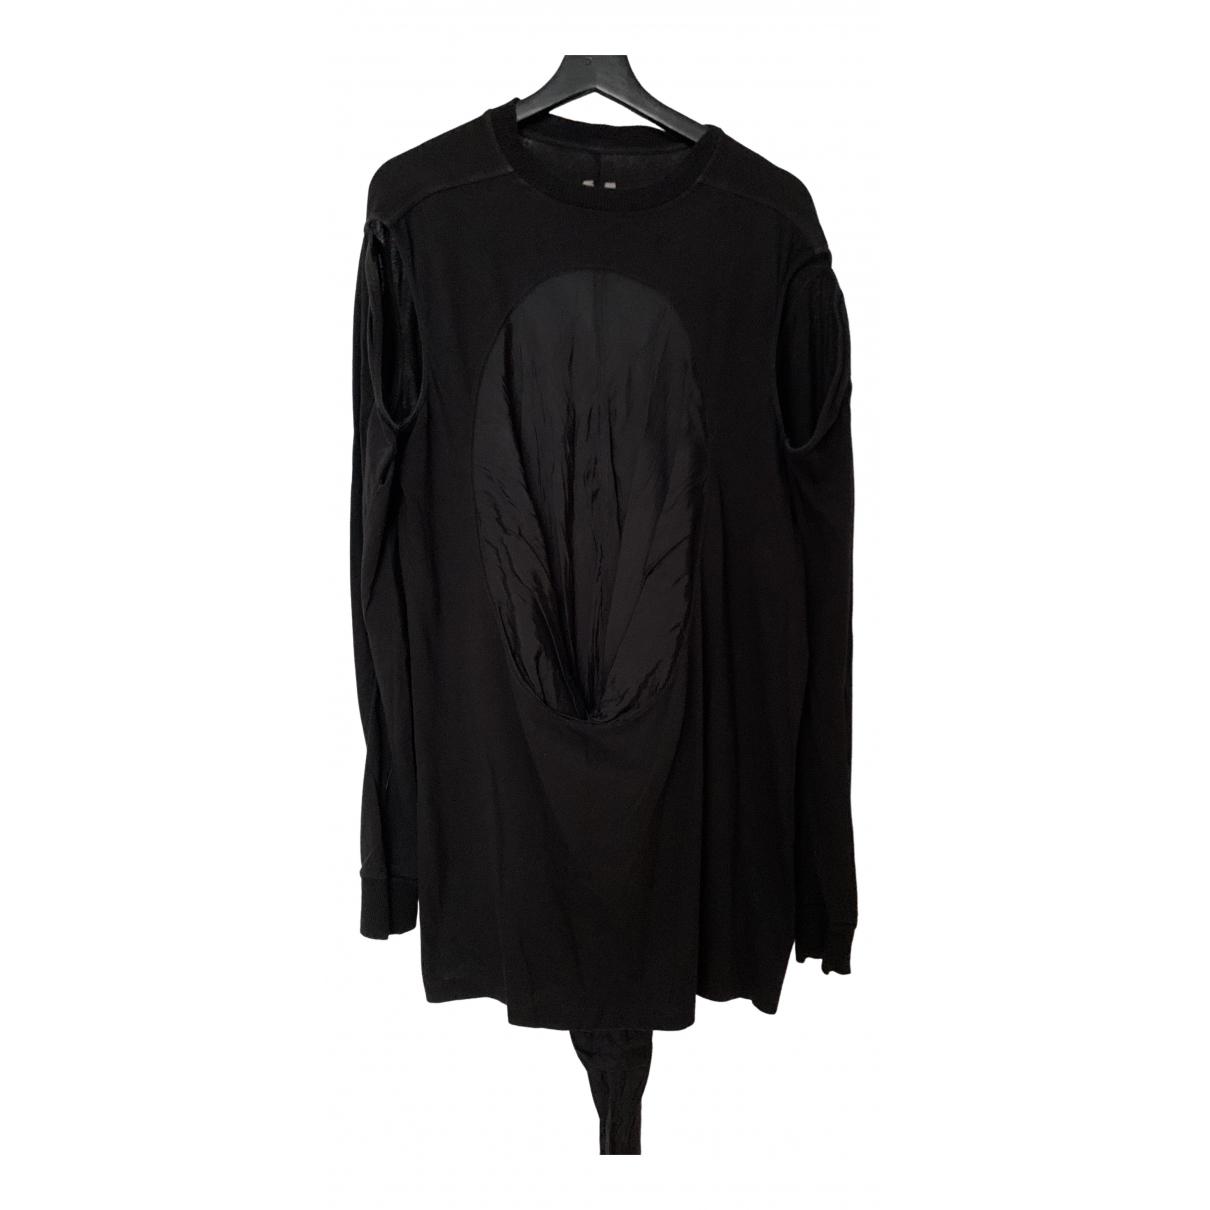 Rick Owens - Tee shirts   pour homme en coton - noir